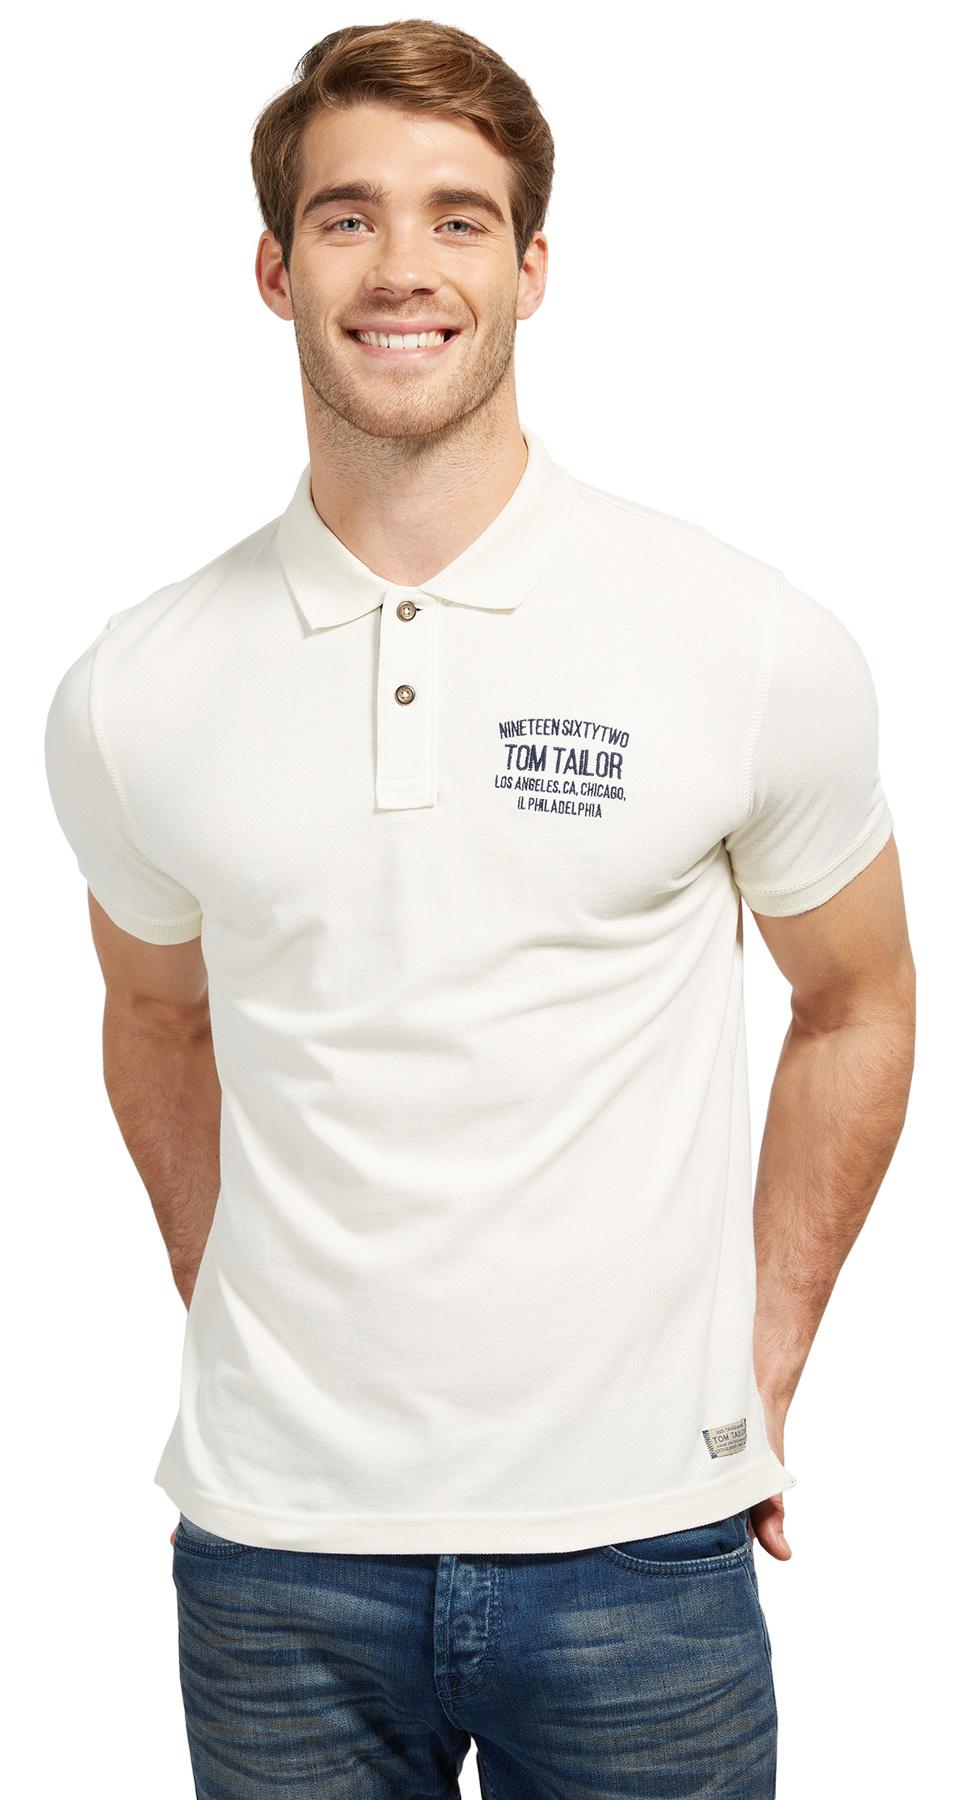 Tom Tailor pánské polo s logem 15310930010/2212 Bílá XL